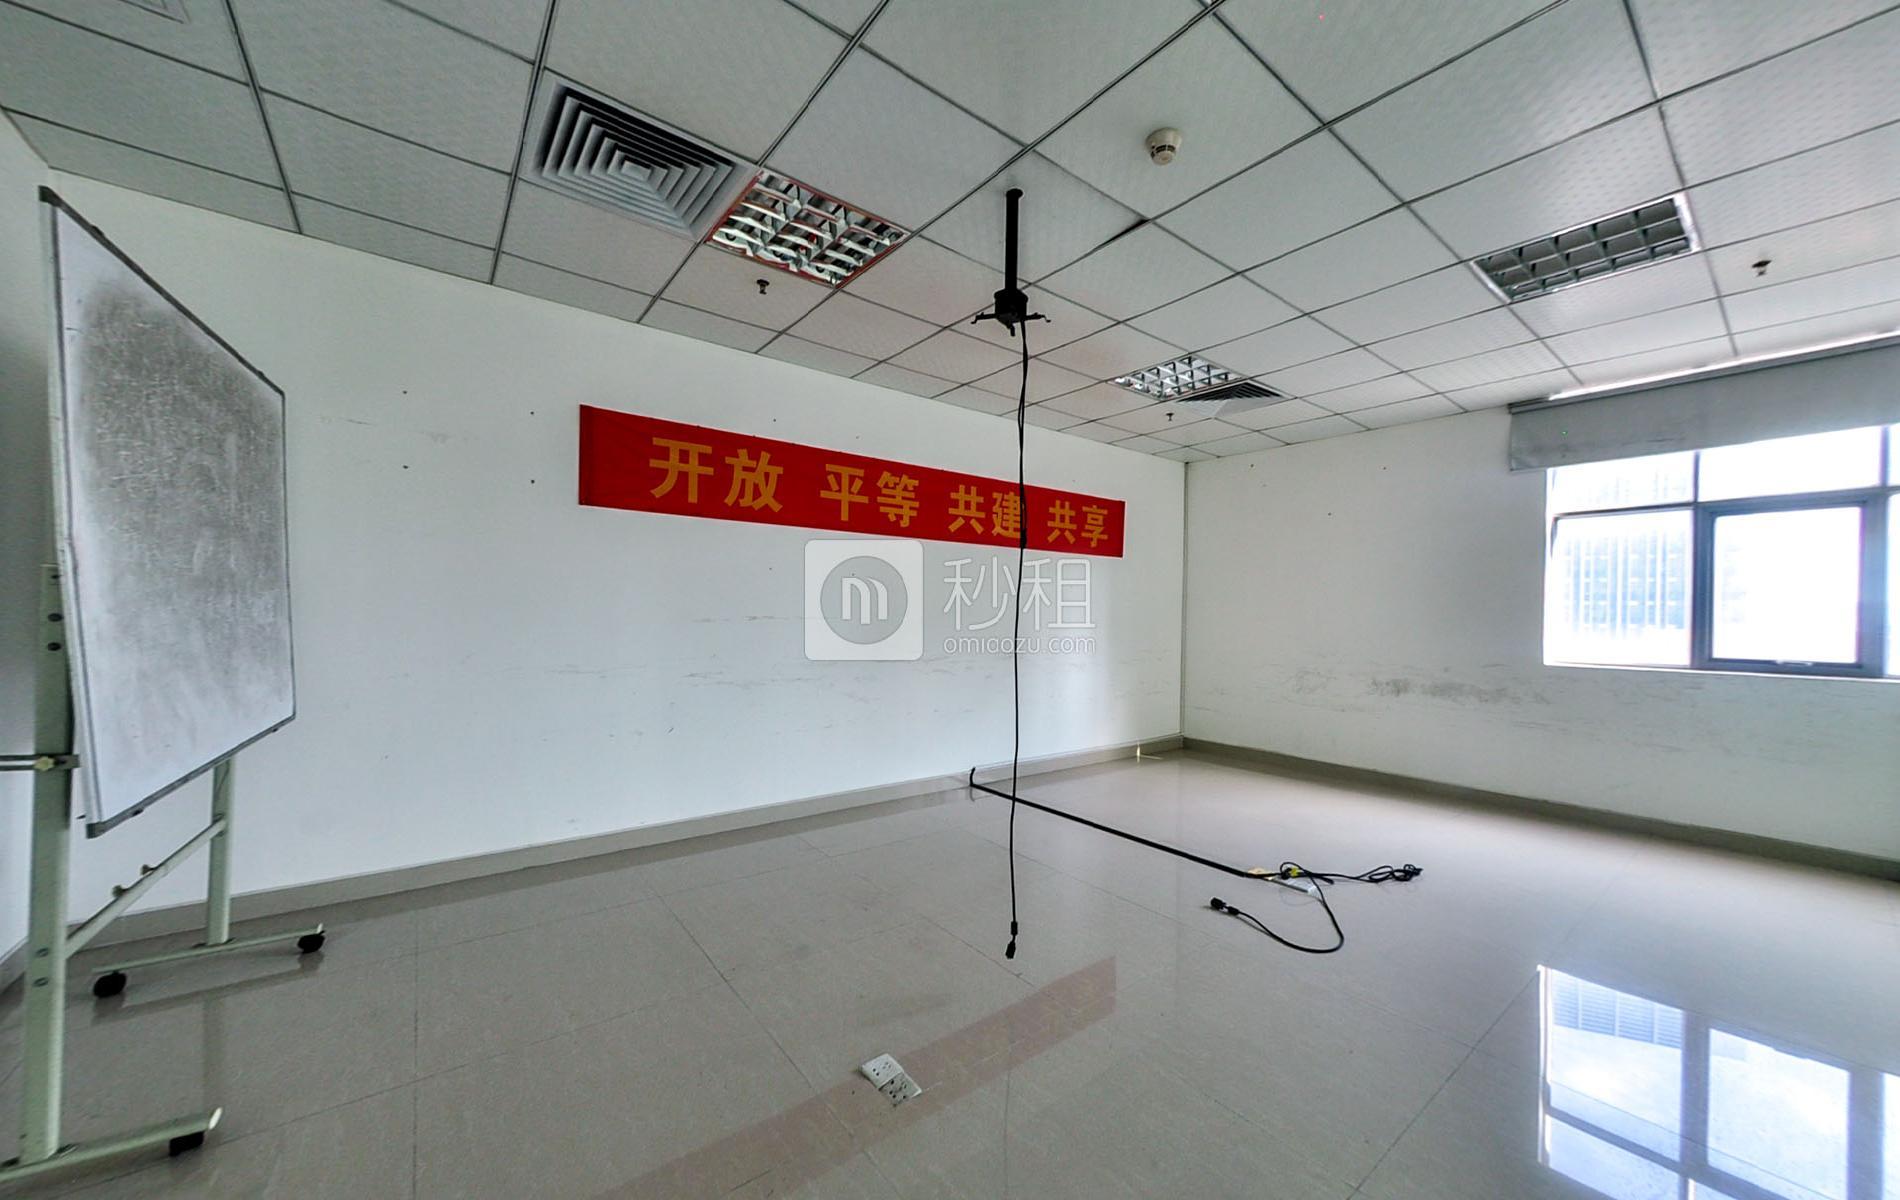 宝安-西乡 宝运达物流信息大厦 239m²